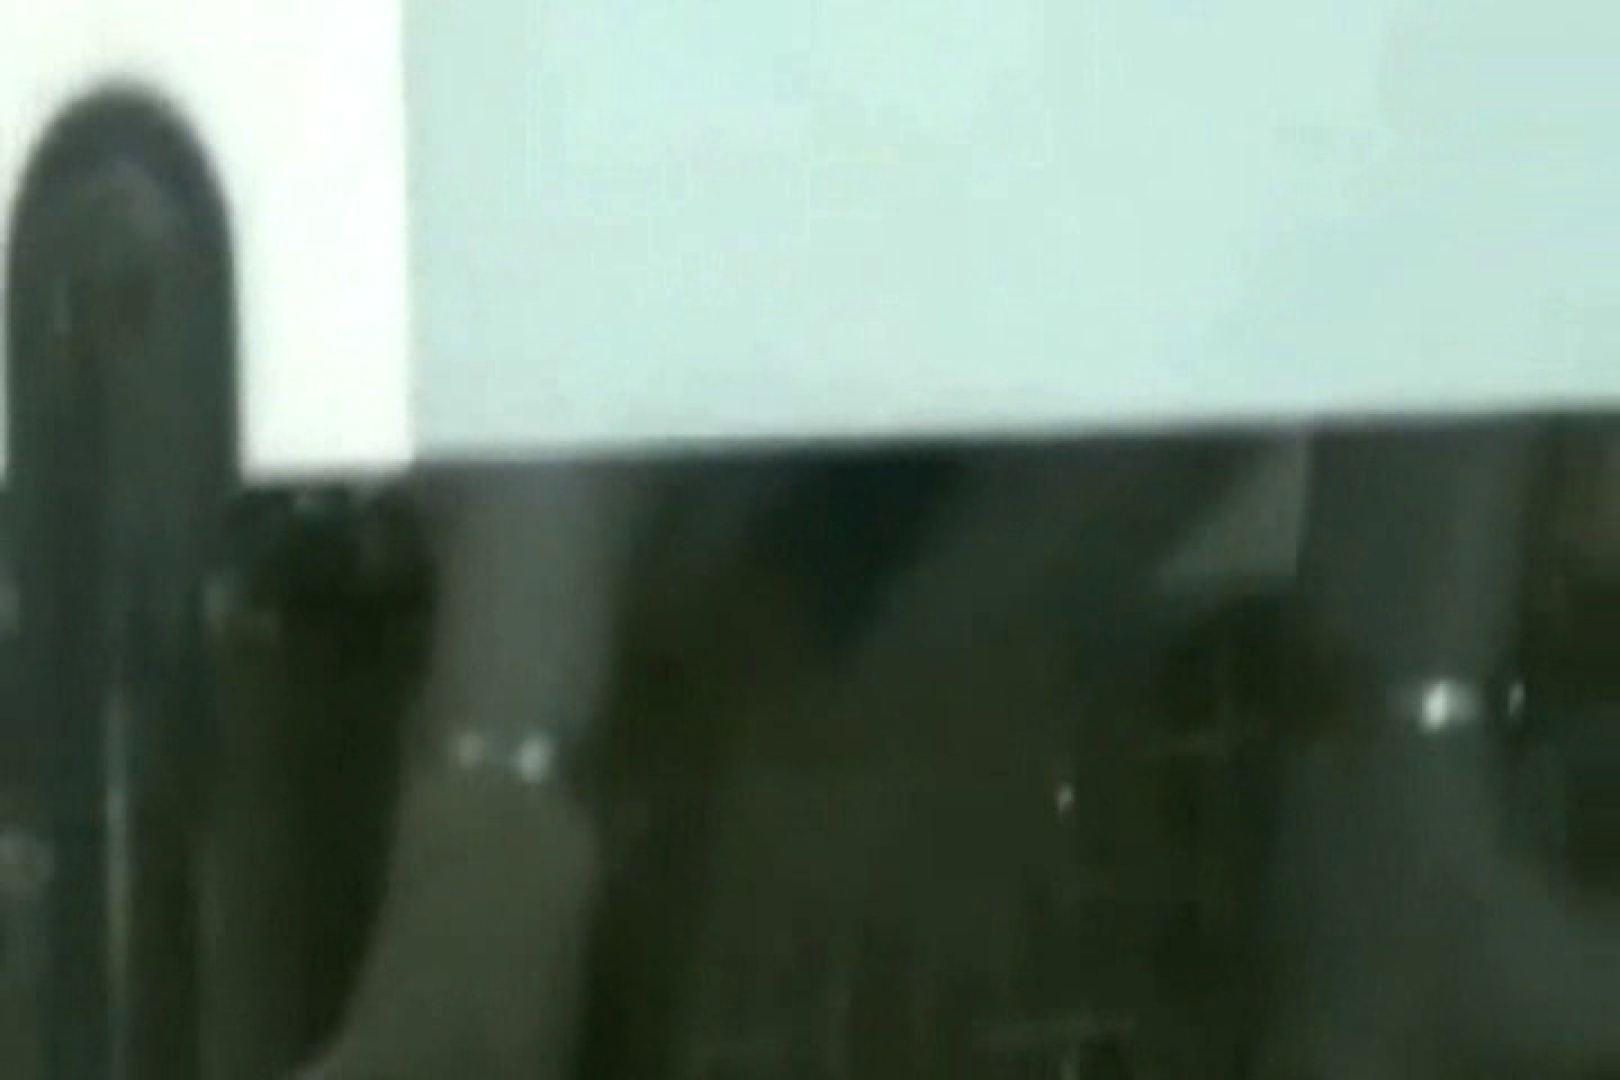 ぼっとん洗面所スペシャルVol.9 OLエロ画像 覗きおまんこ画像 62PICs 26